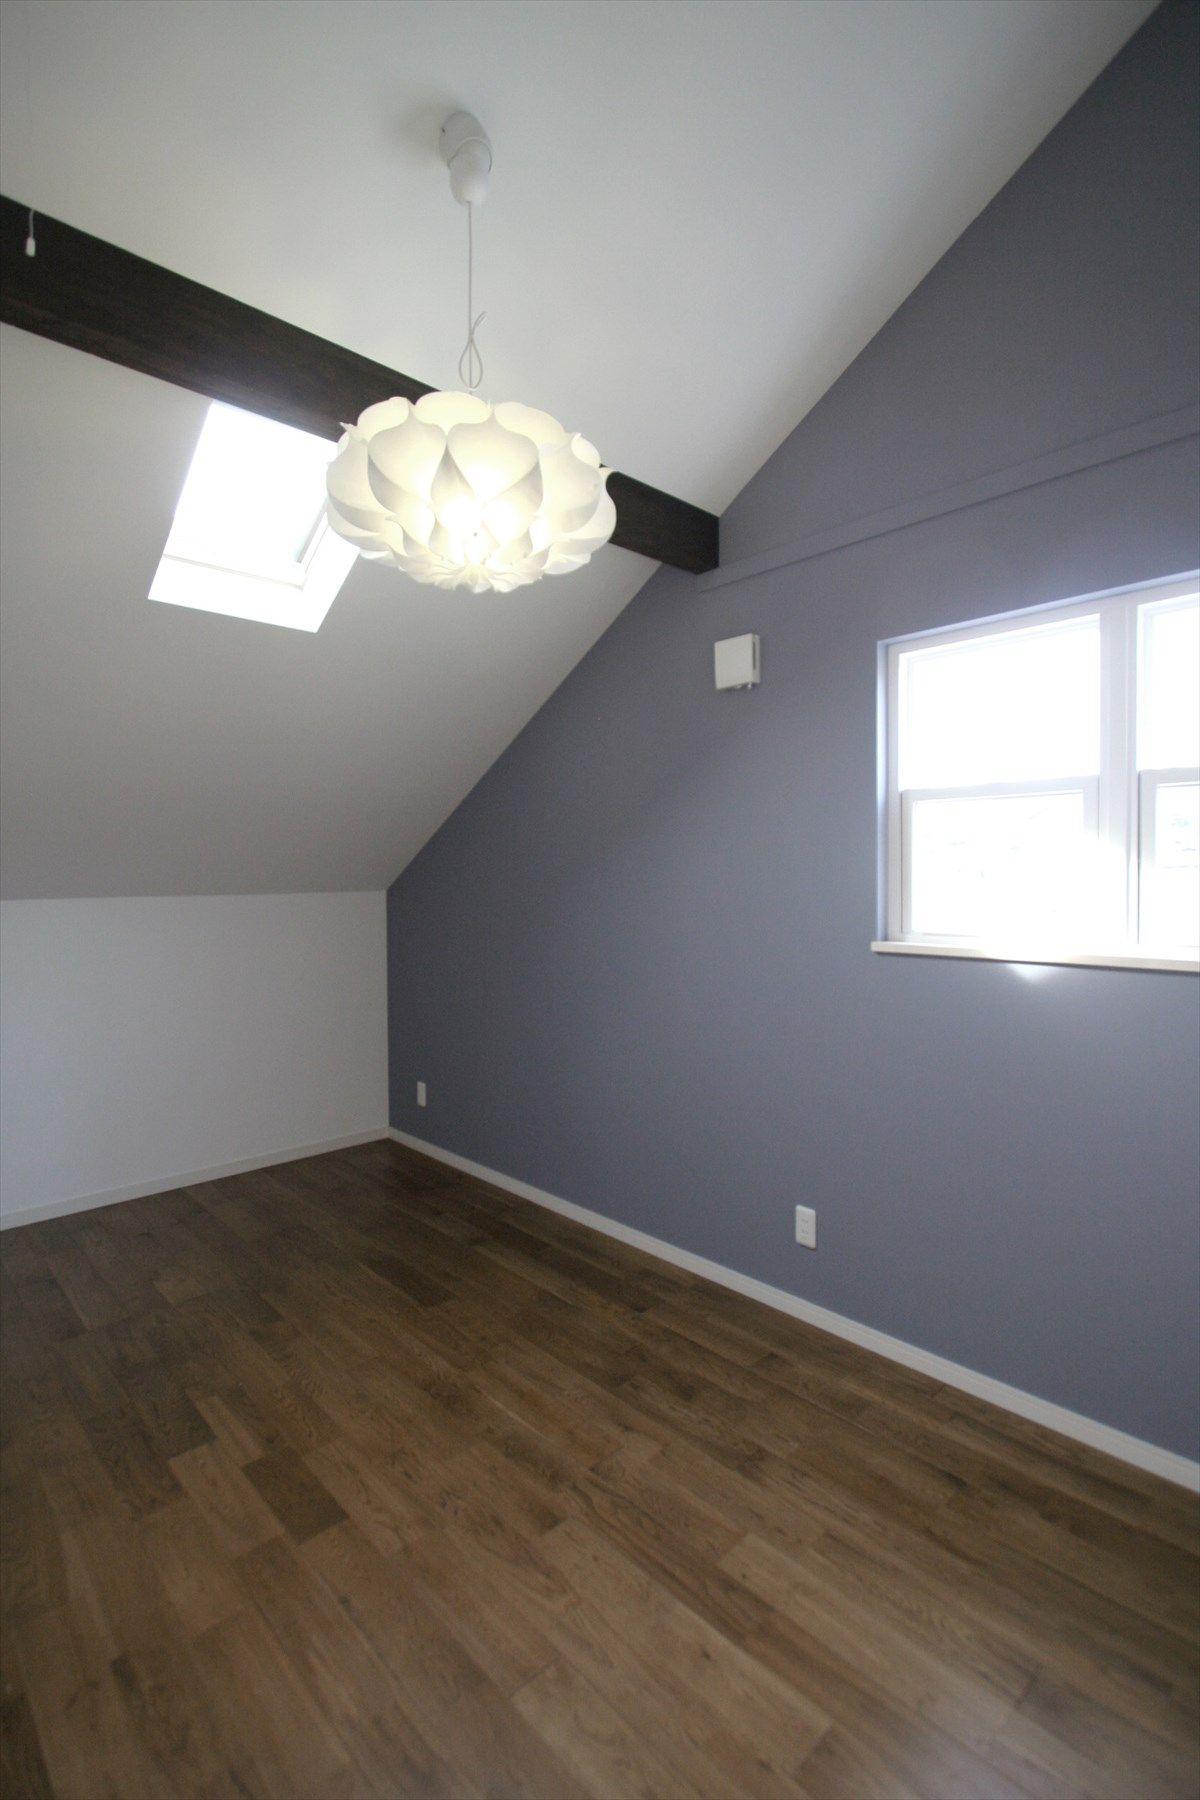 寝室 ベッドルーム ベッド 洋室 アクセントクロス 勾配天井 天窓 梁